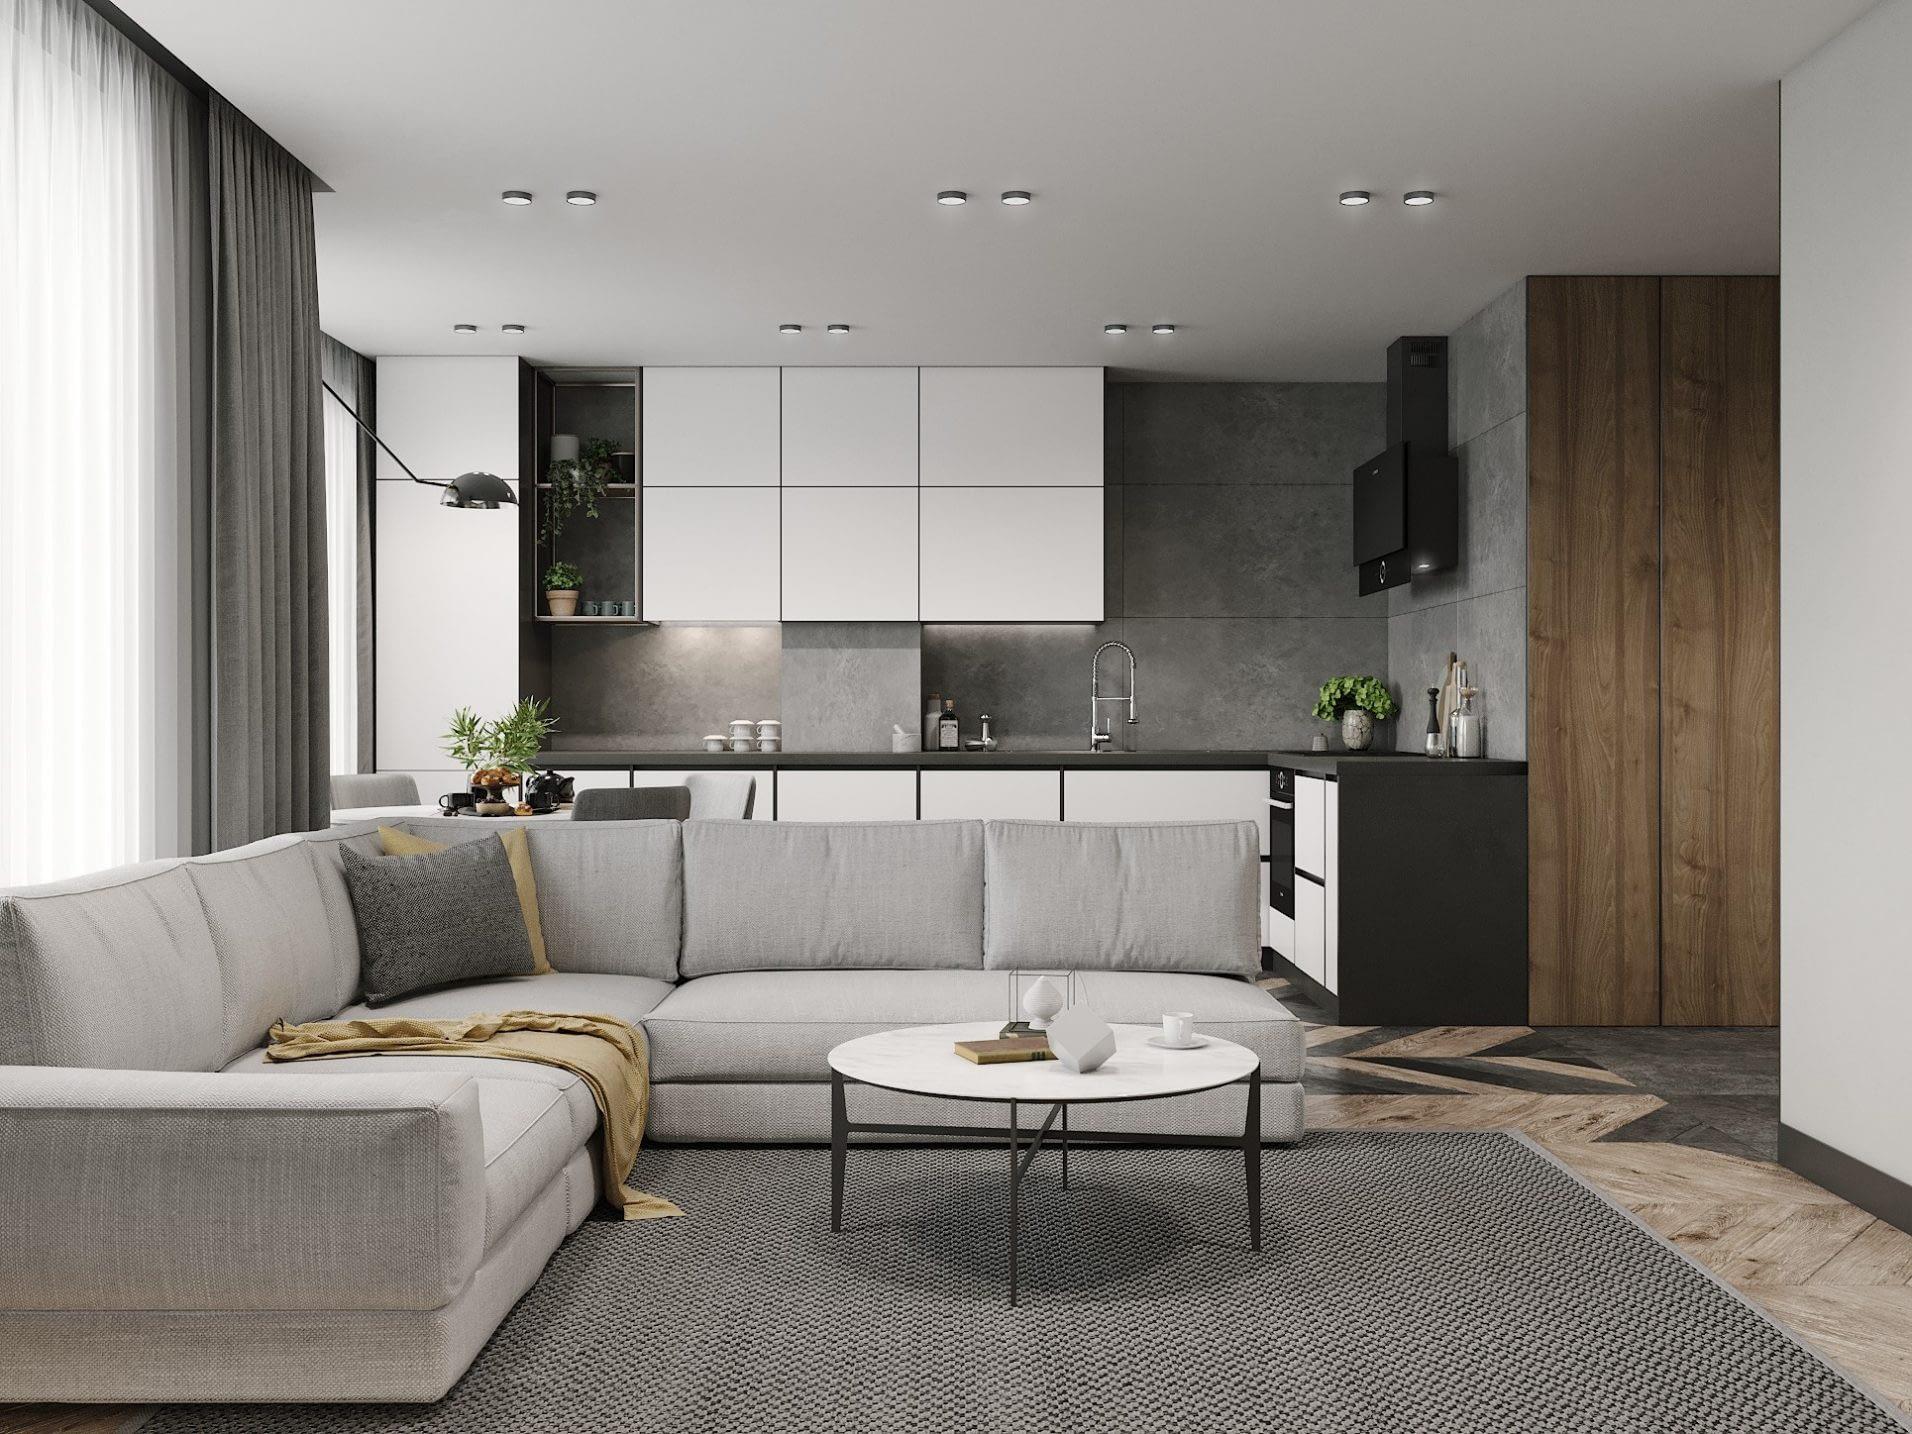 дизайн проект интерьера квартиры в ЖК Парк Лэнд от Lavrov Design